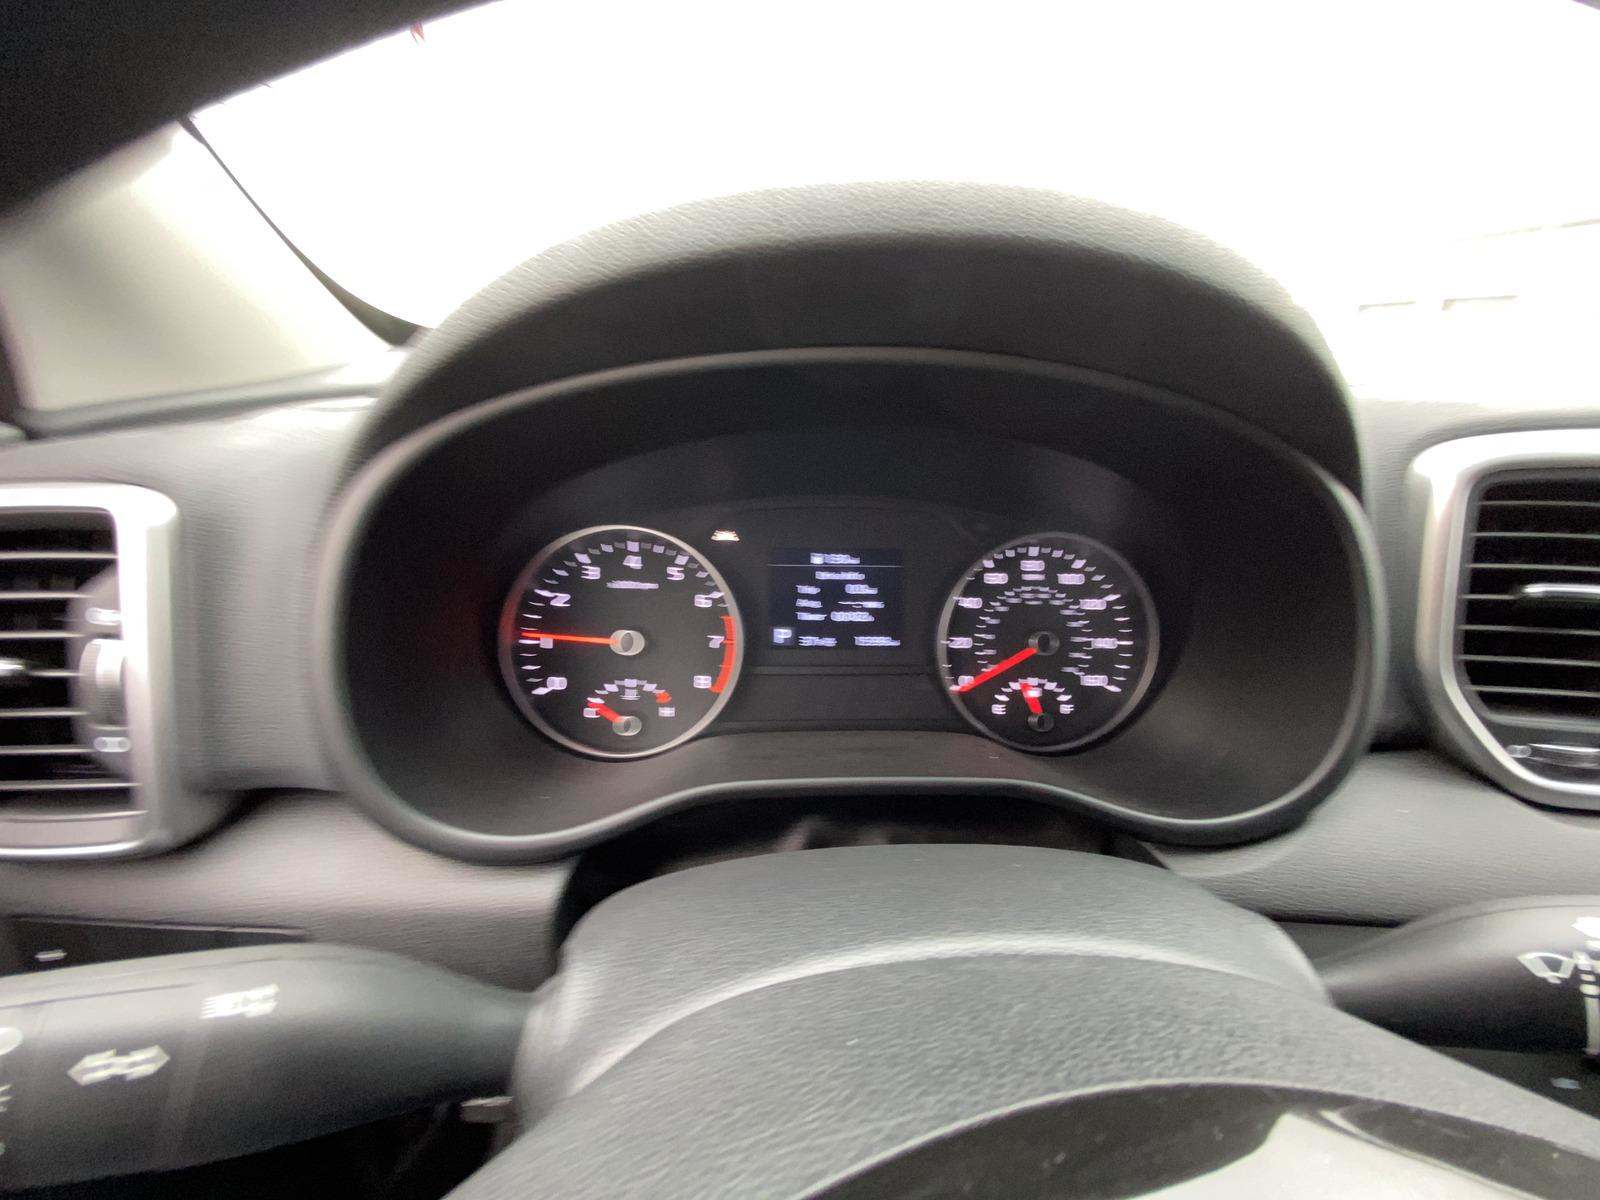 2020 KIA SPORTAGE 4D SUV 2.4L LX* - 6